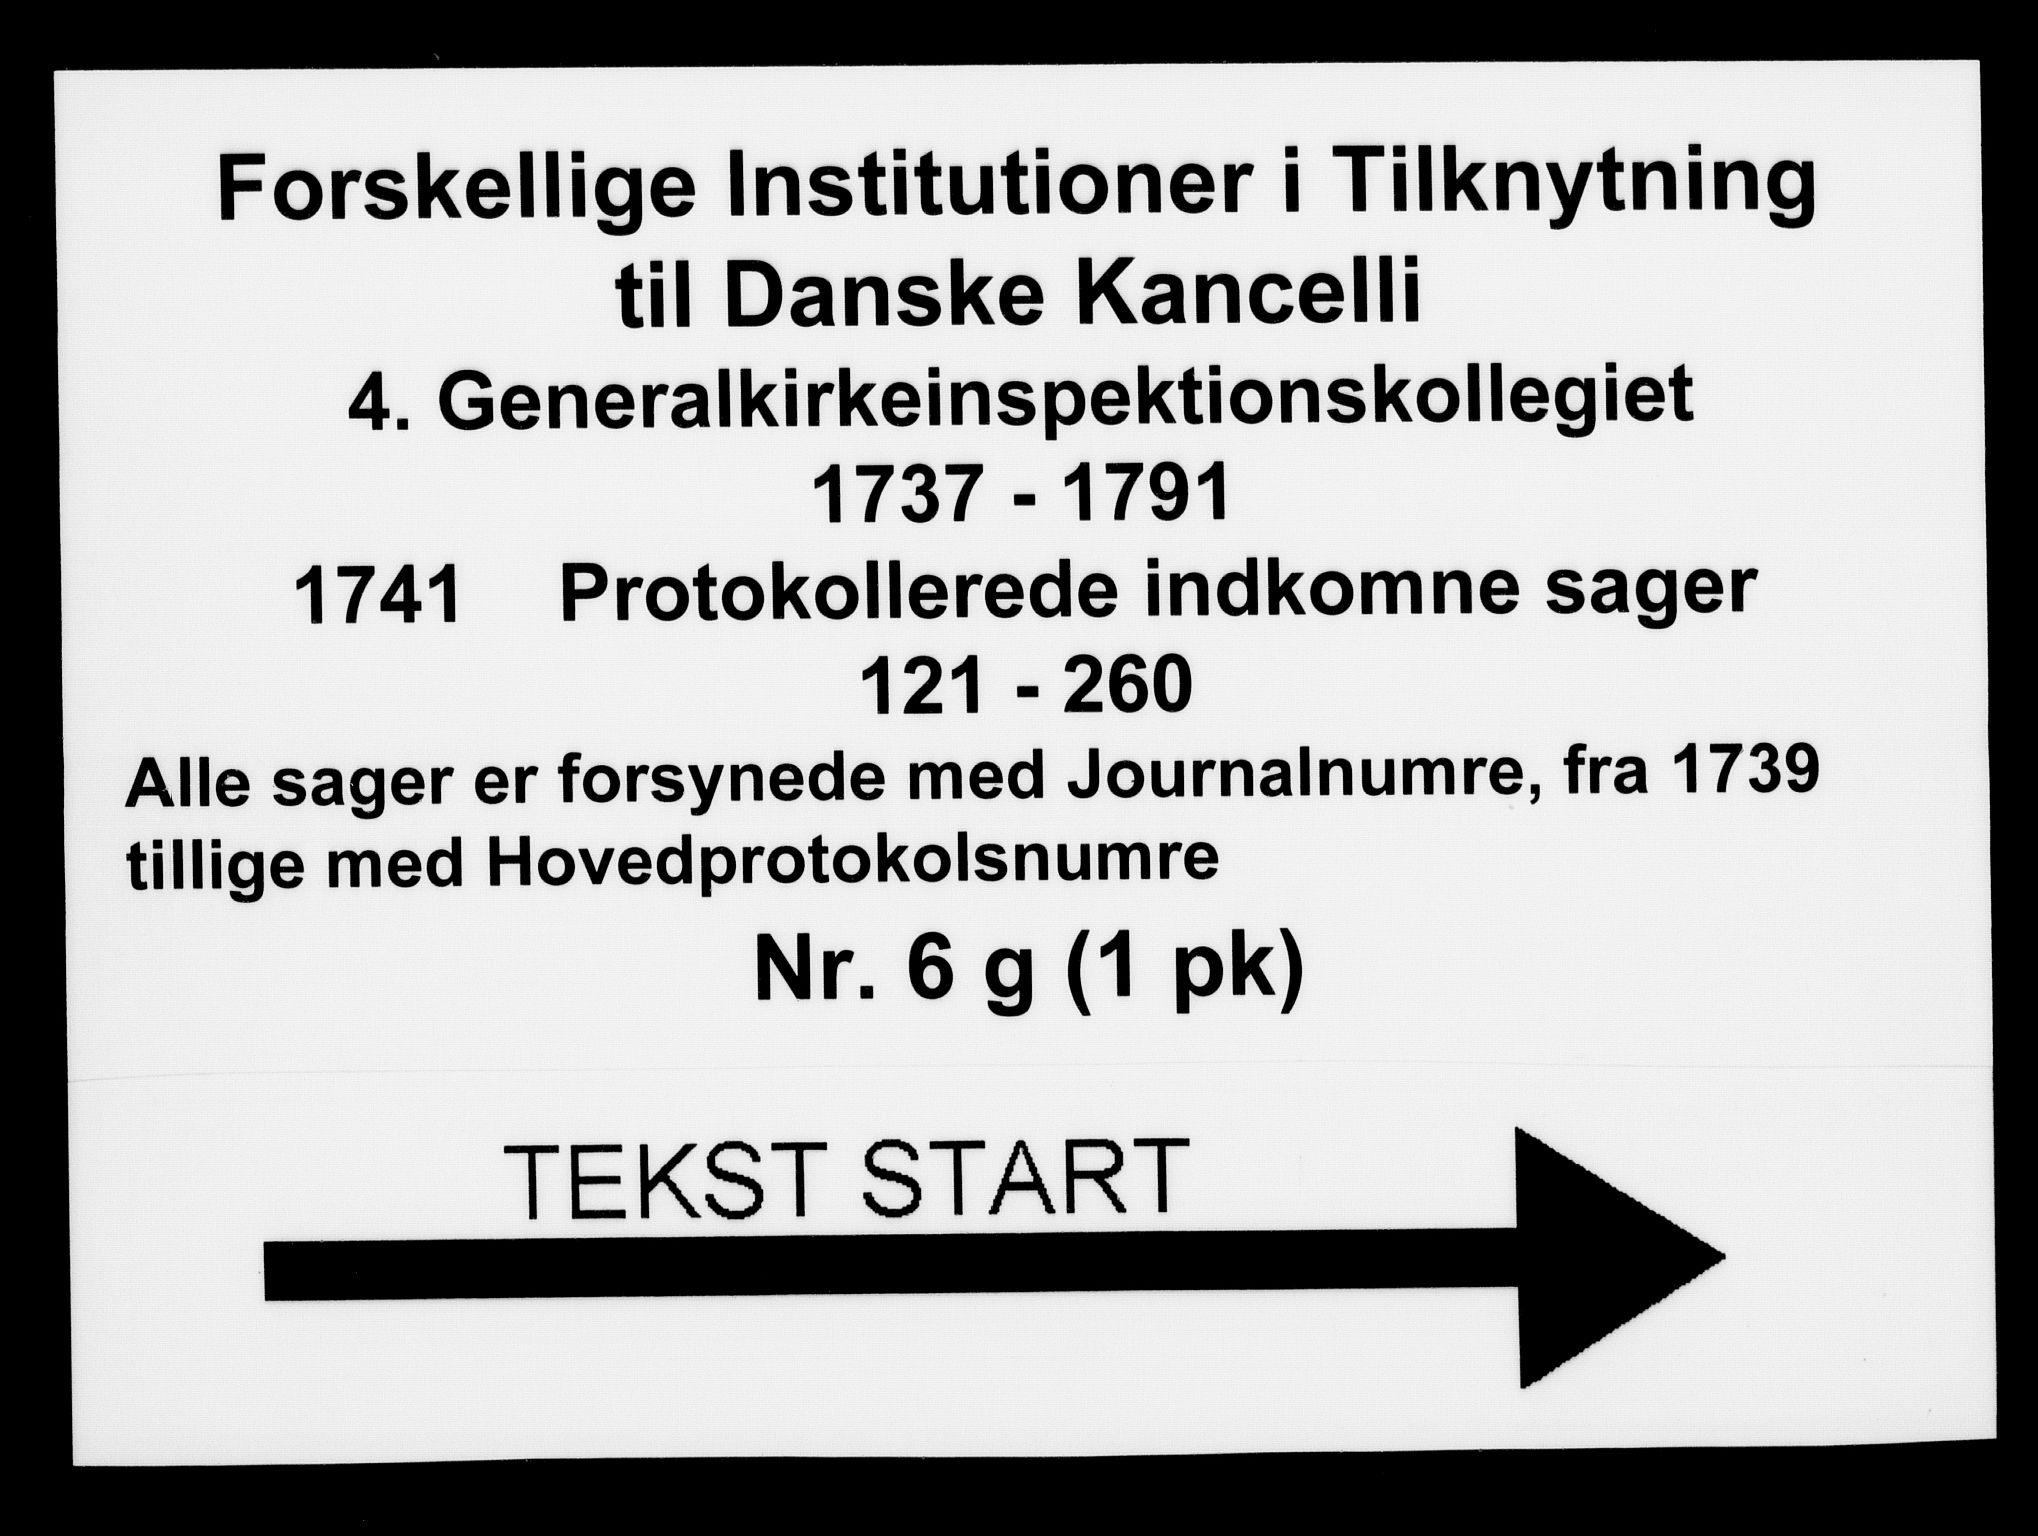 DRA, Generalkirkeinspektionskollegiet, F4-06/F4-06-07: Protokollerede indkomne sager, 1741